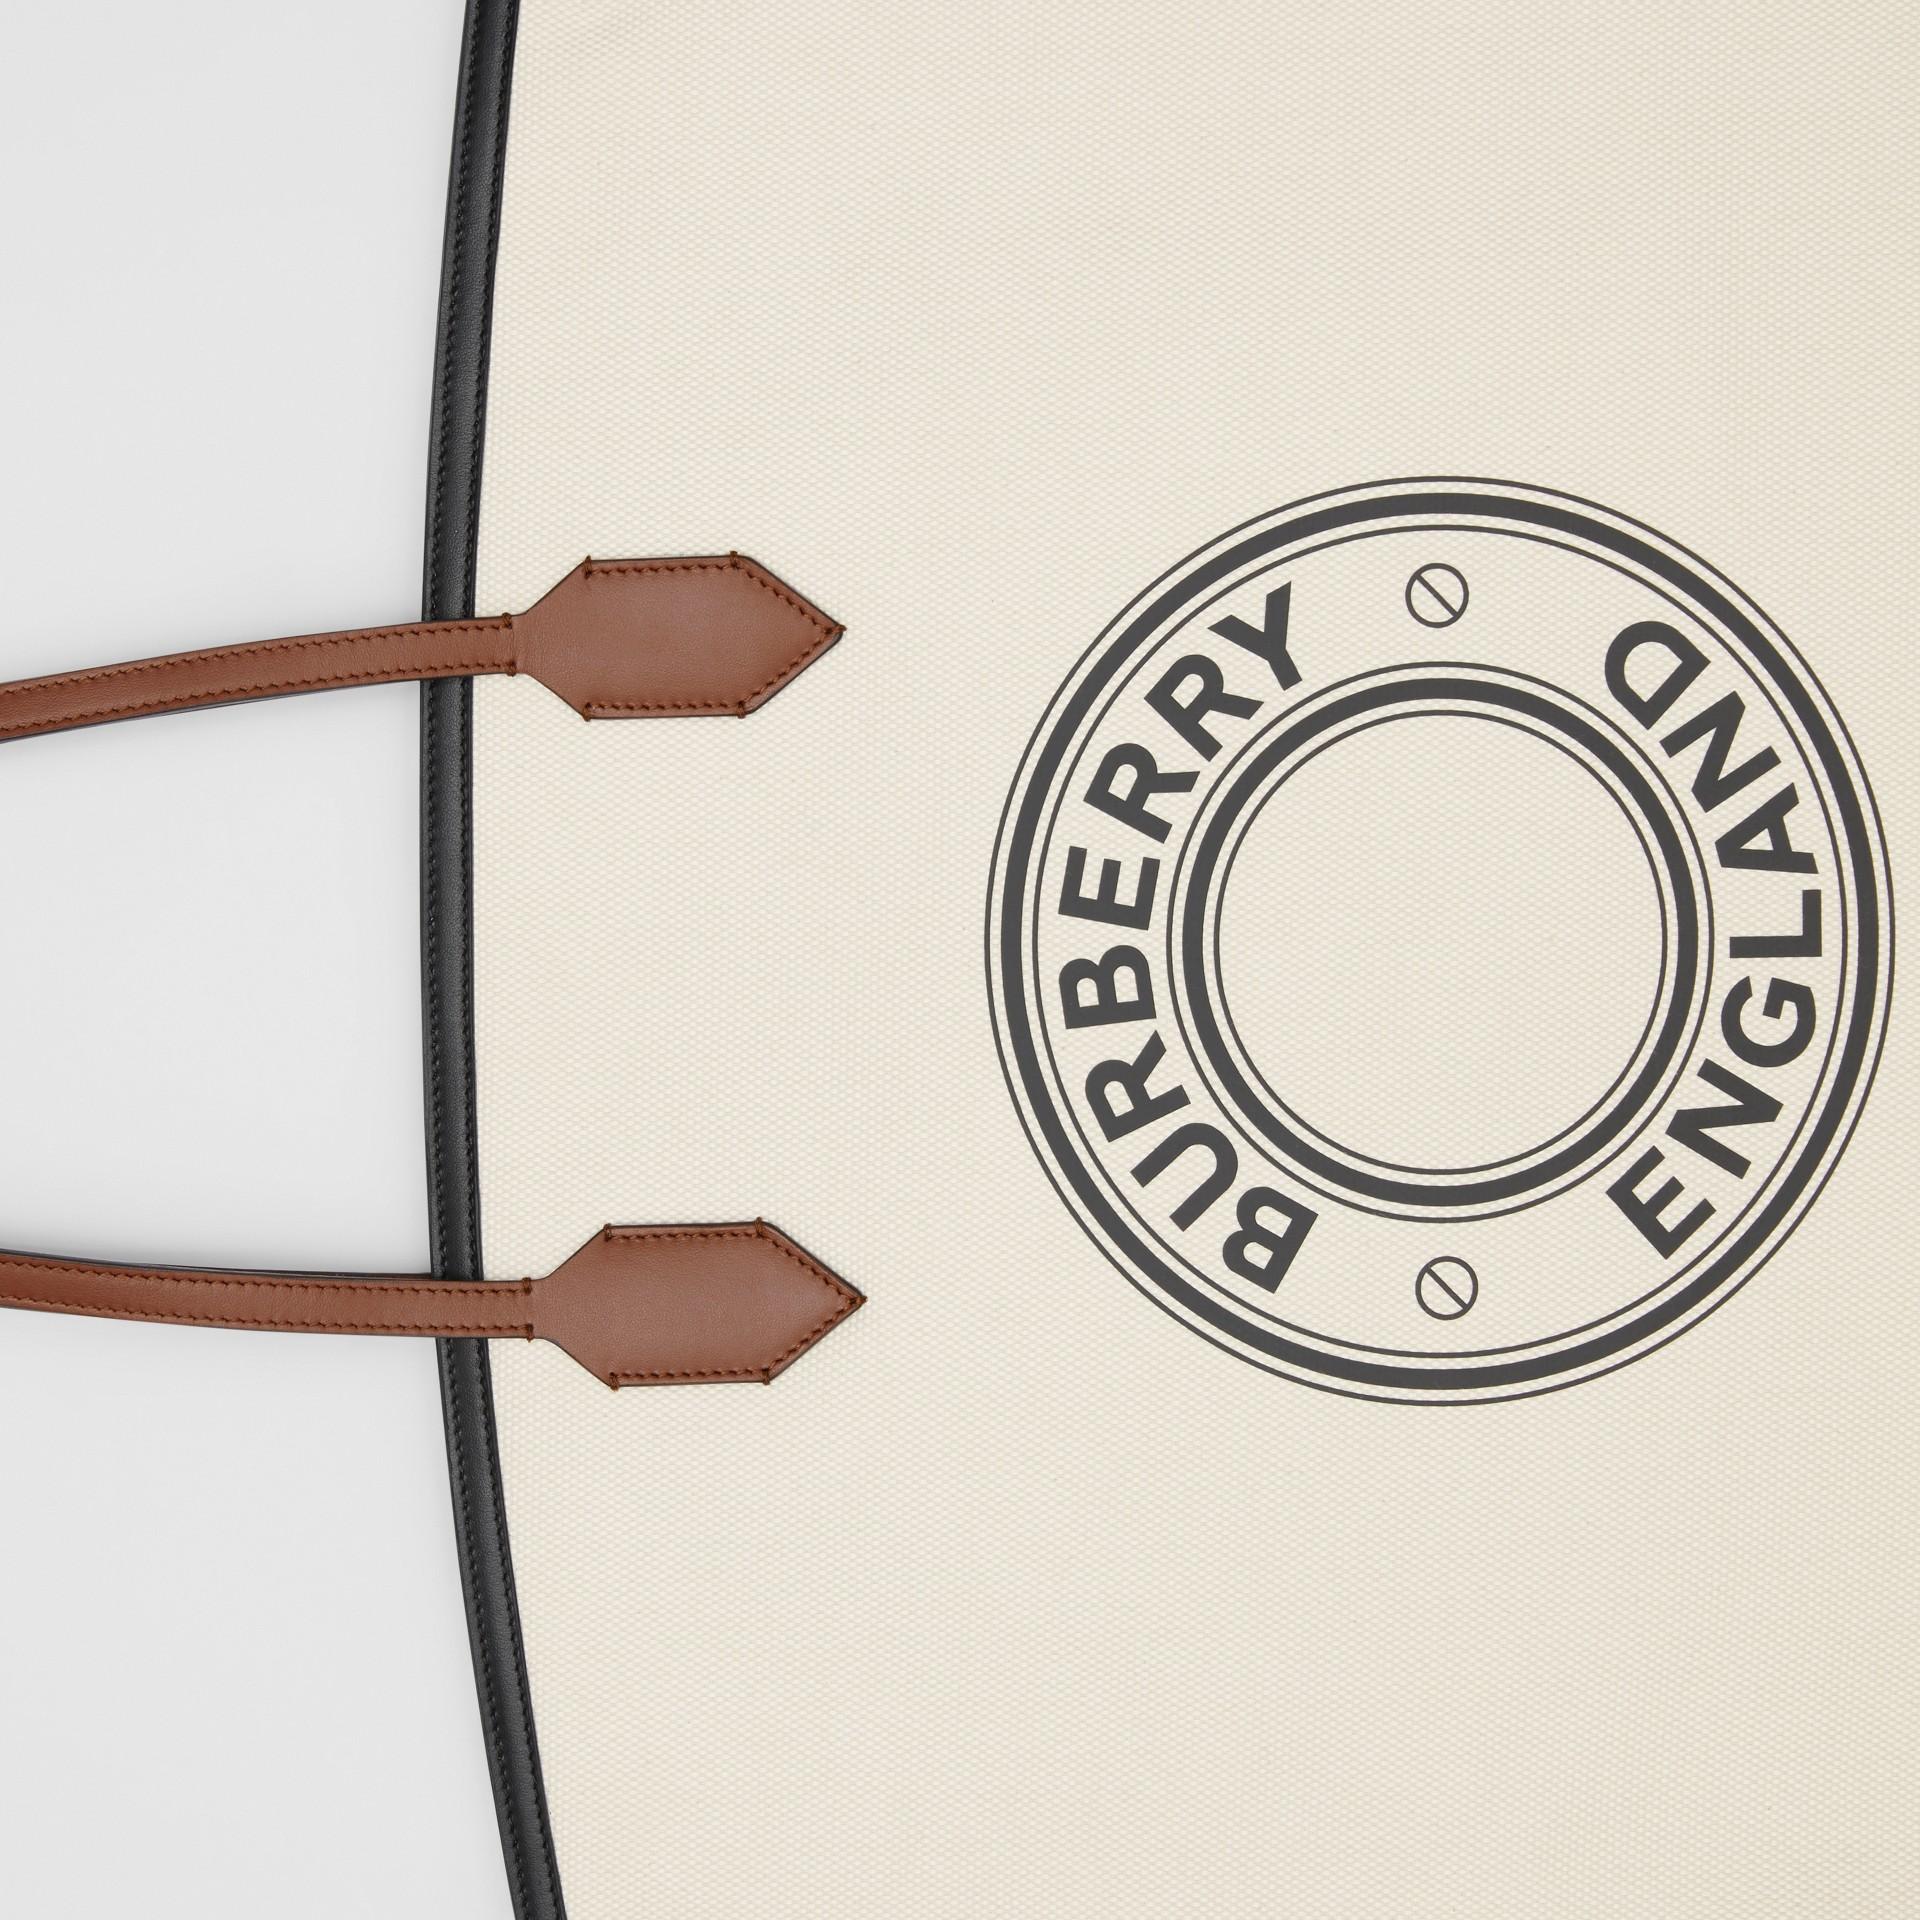 ロゴグラフィック コットンキャンバス ソサエティトート (ナチュラル) - ウィメンズ | バーバリー - ギャラリーイメージ 1